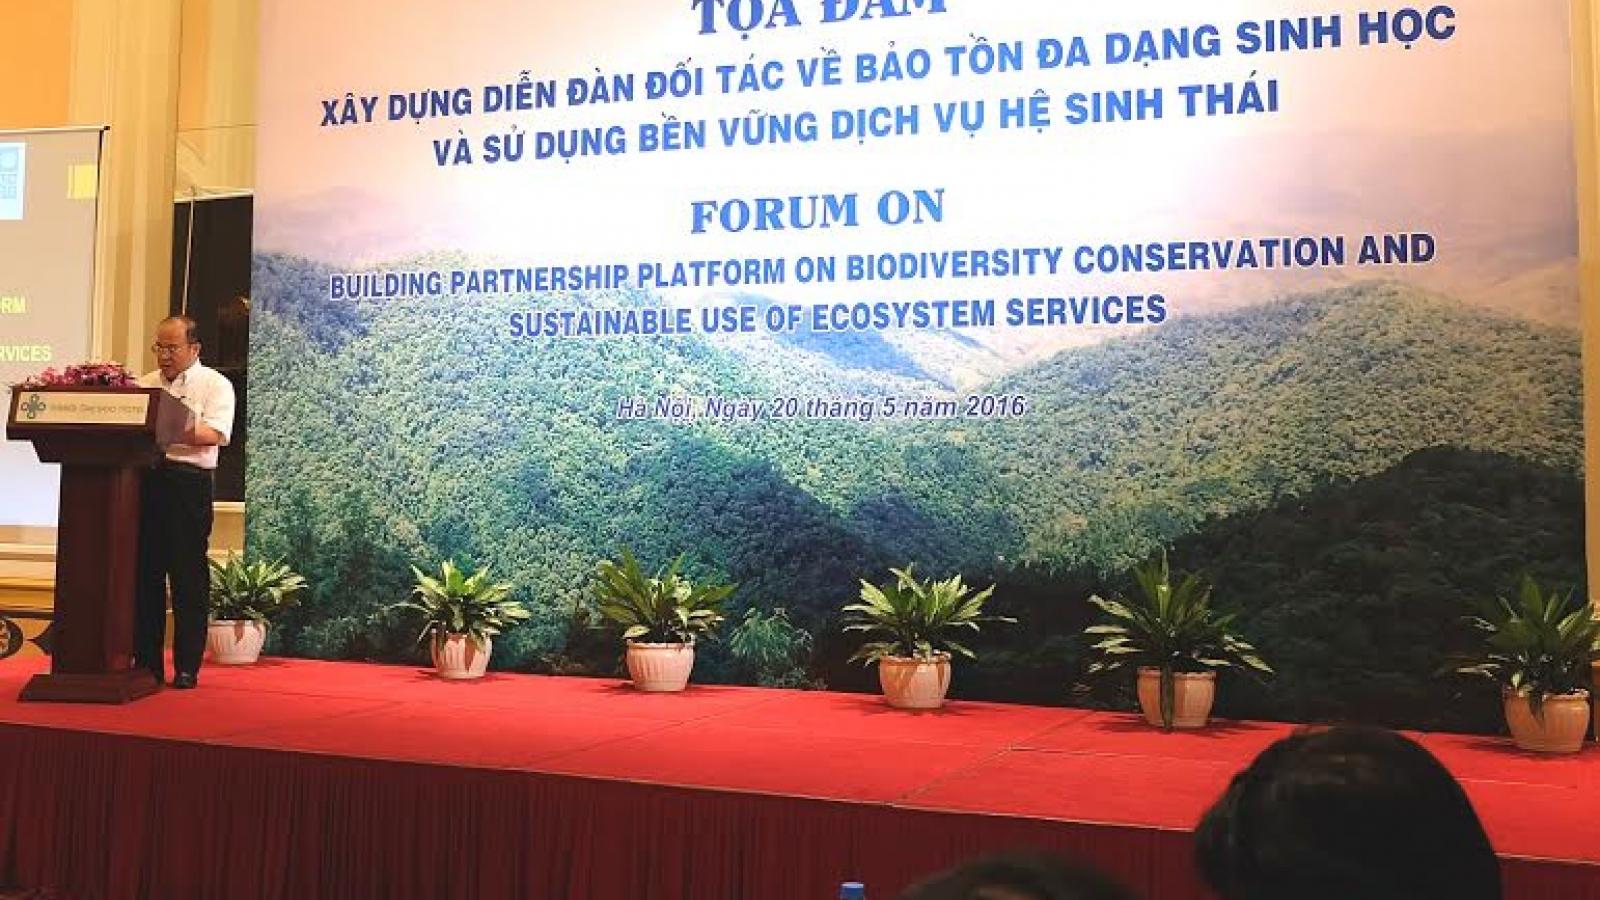 Forum on building platform for biodiversity conservation